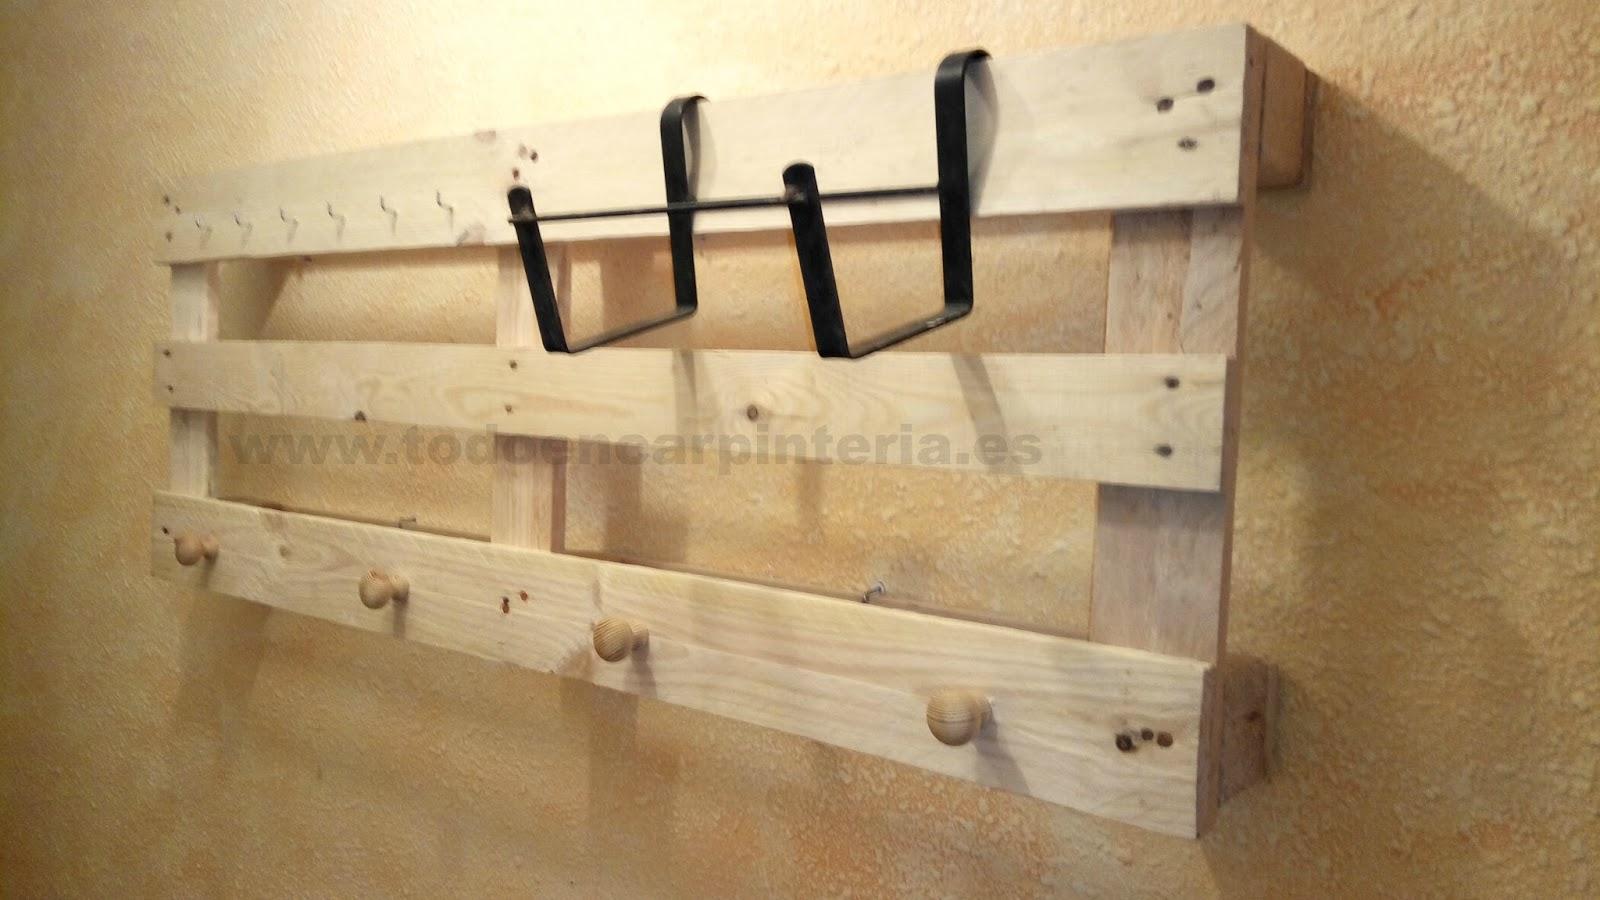 Hacer un perchero con palets de madera todo en - Construir con palets ...